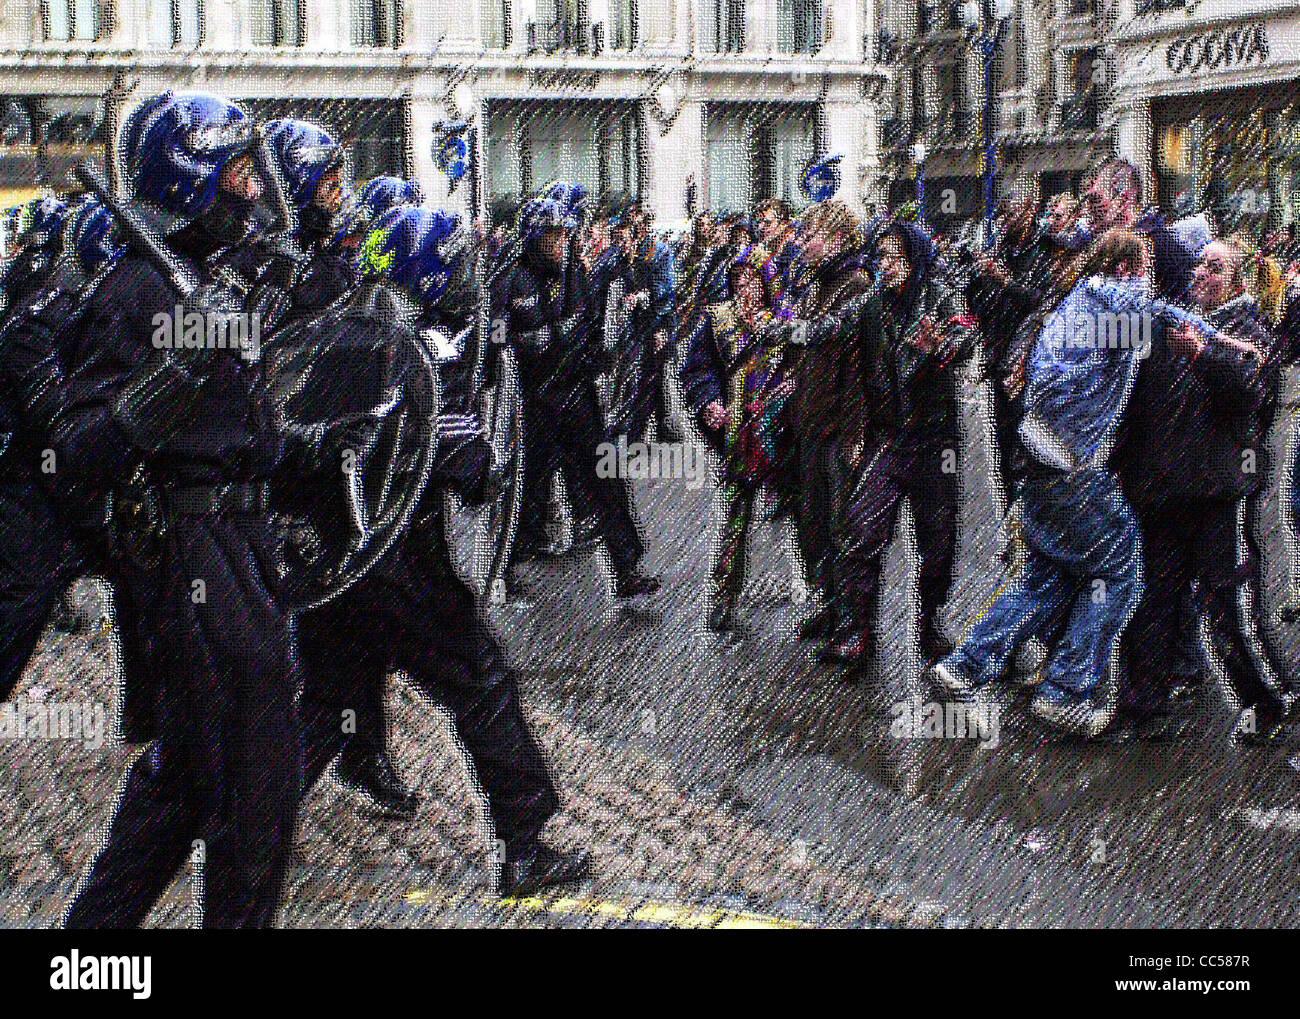 Illustrazioni generiche di British Riot Police in azione le immagini trattate per evitare di identificazione MR Immagini Stock